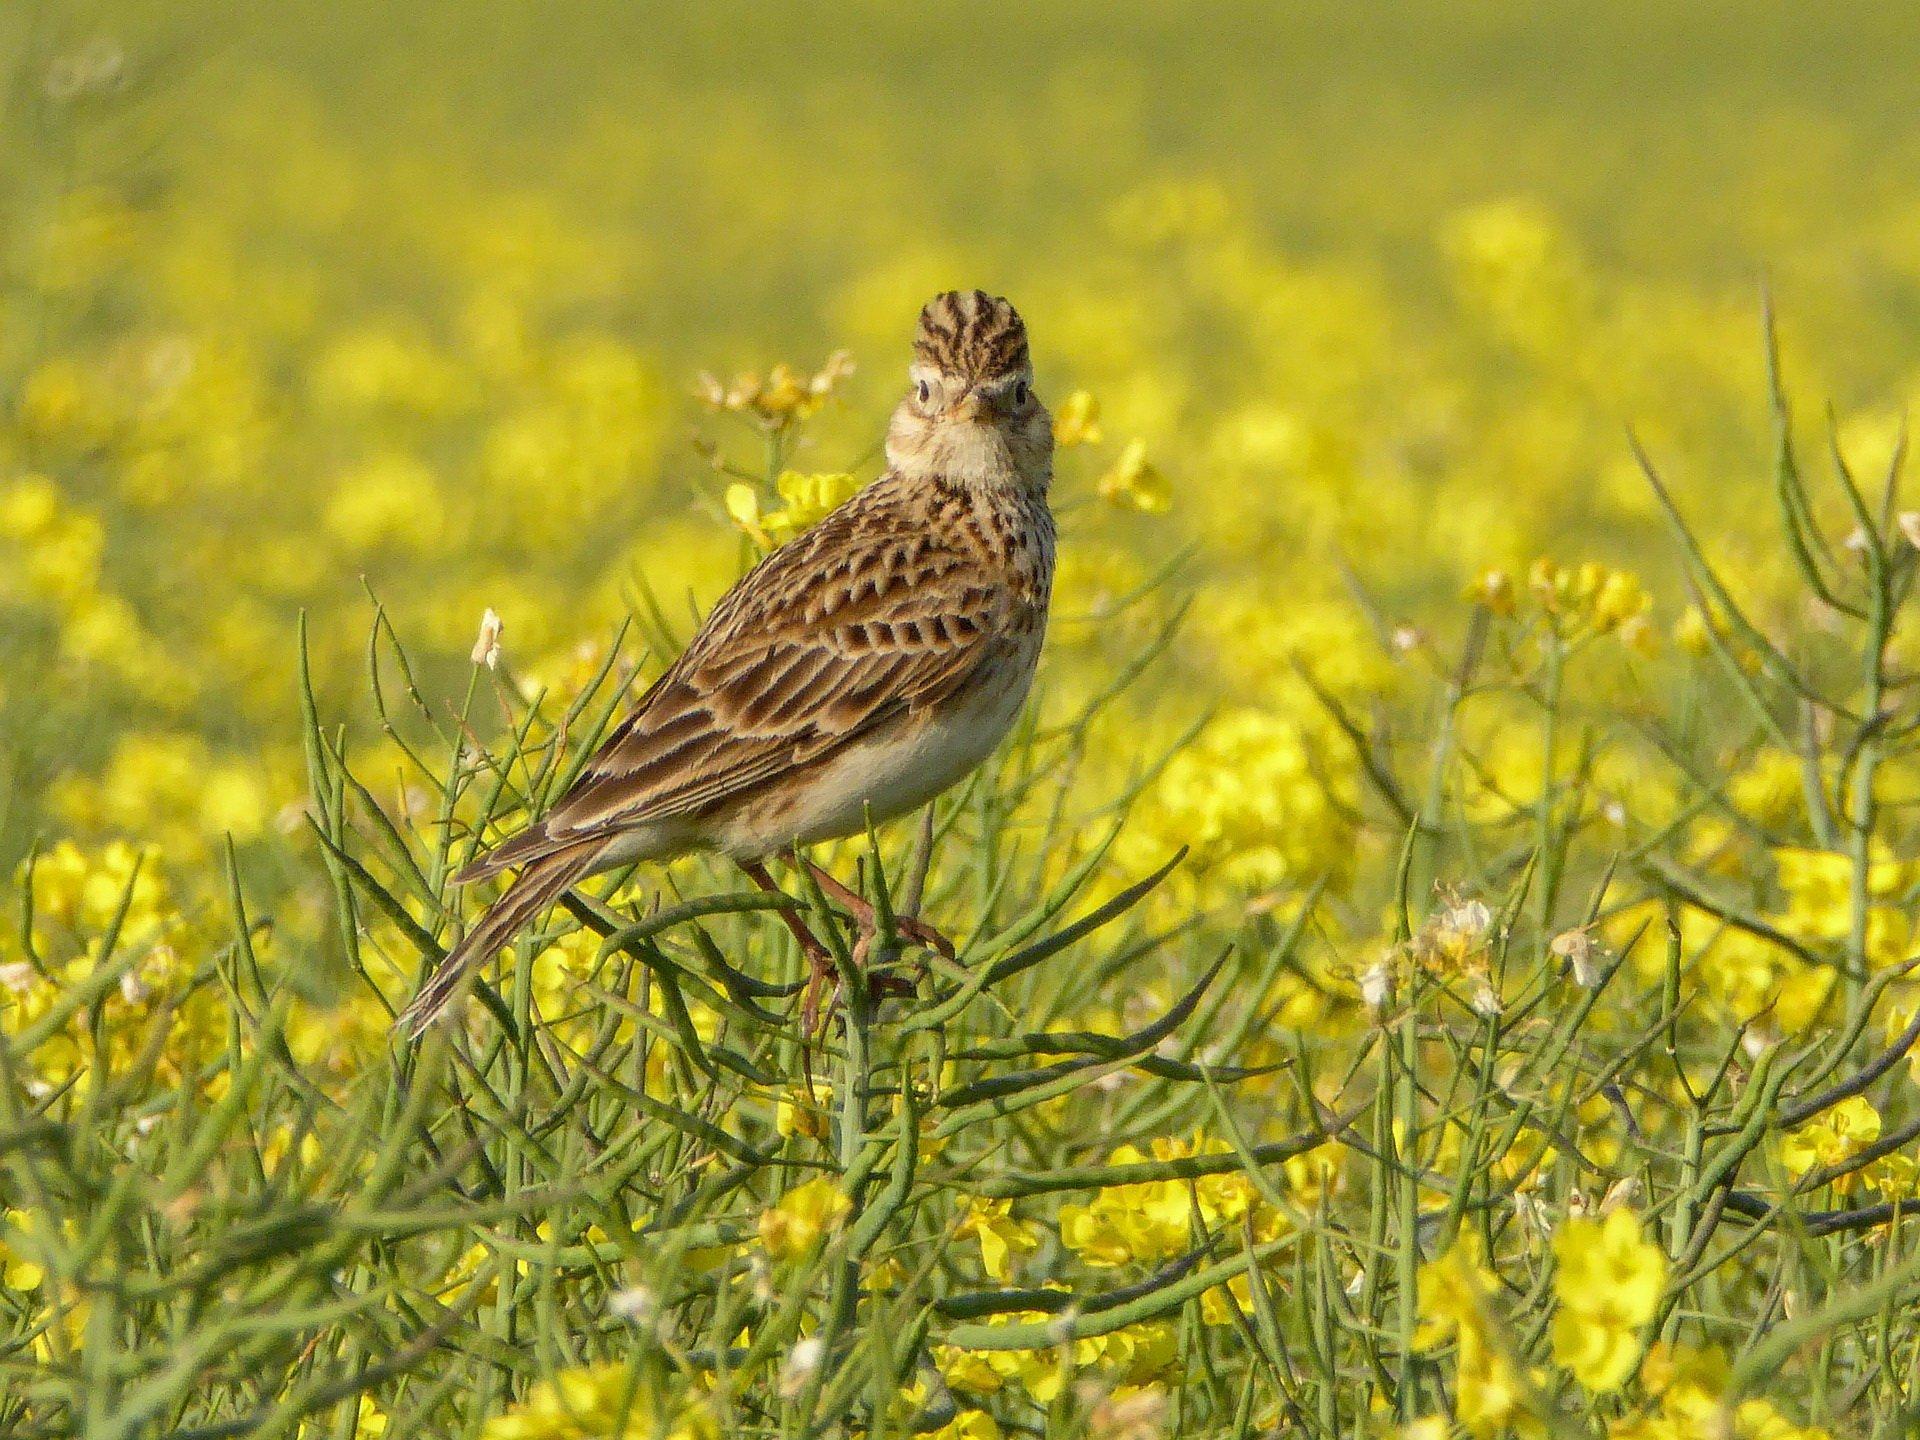 Skowronek zagadki o zwierzętach ptakach z odpowiedziami